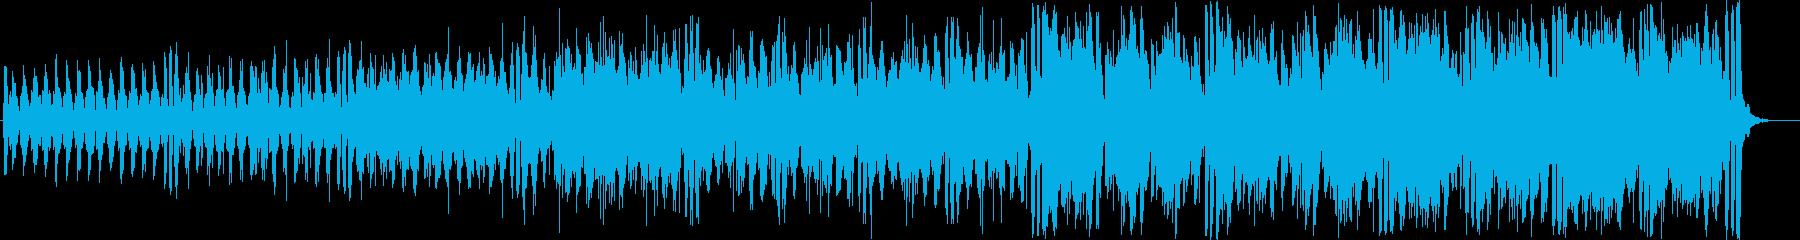 少し不思議でコミカルなほのぼのBGMの再生済みの波形